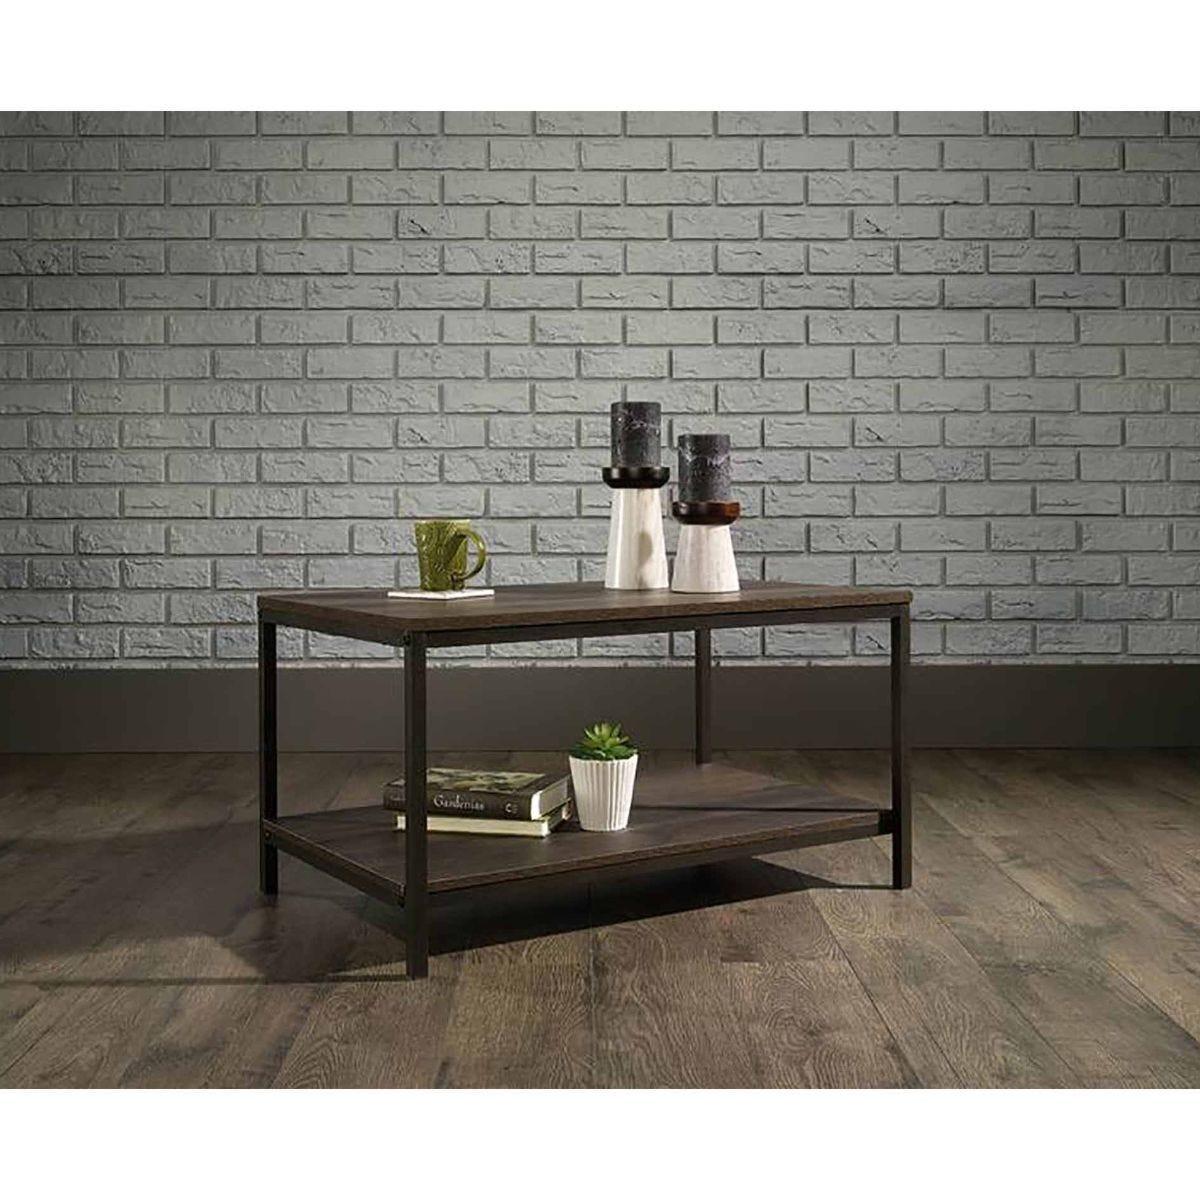 Teknik Office Industrial Style Coffee Table Oak